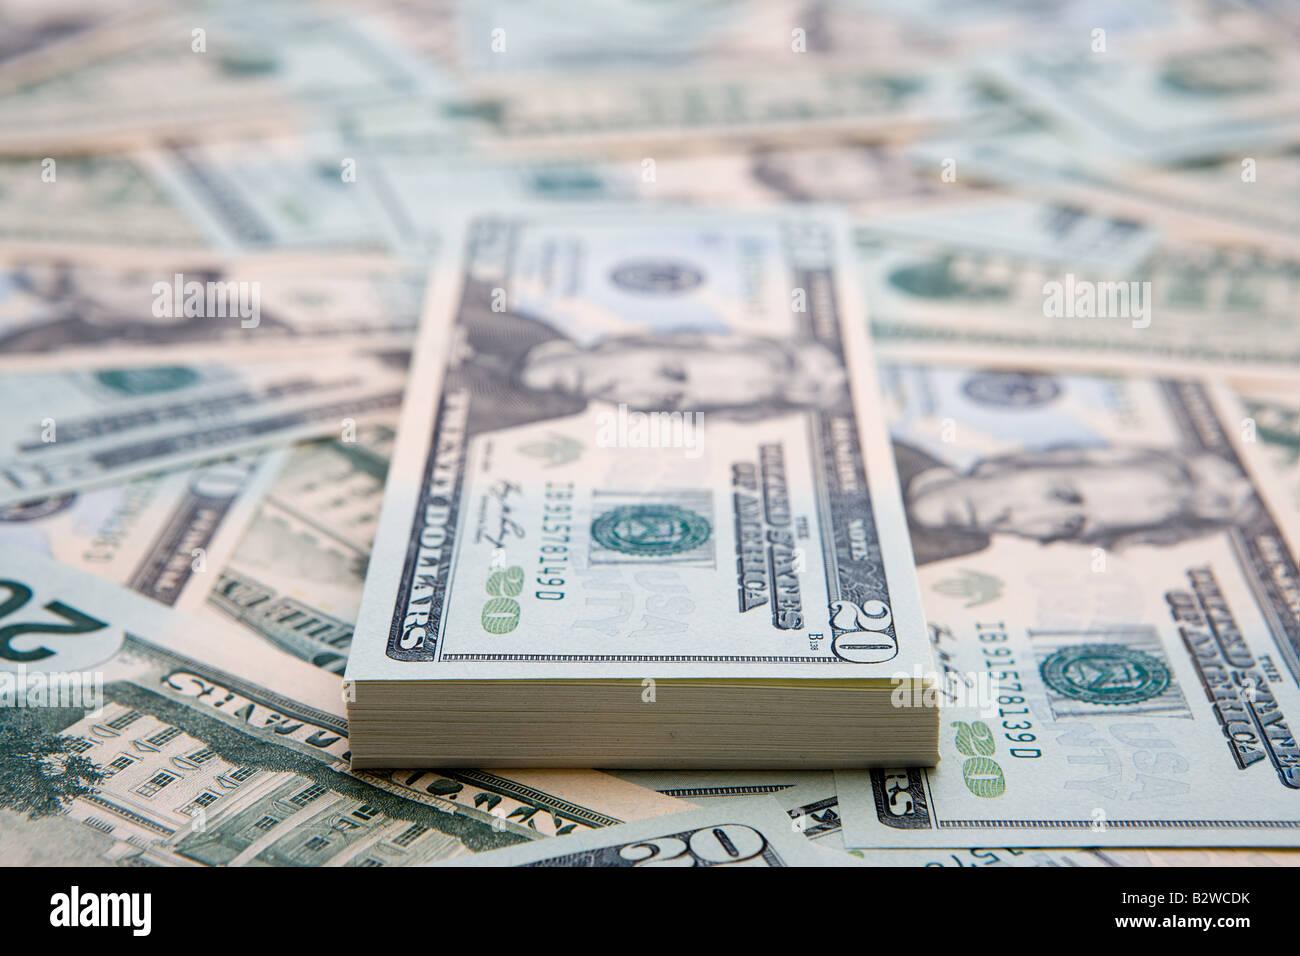 Twenty dollar bills - Stock Image